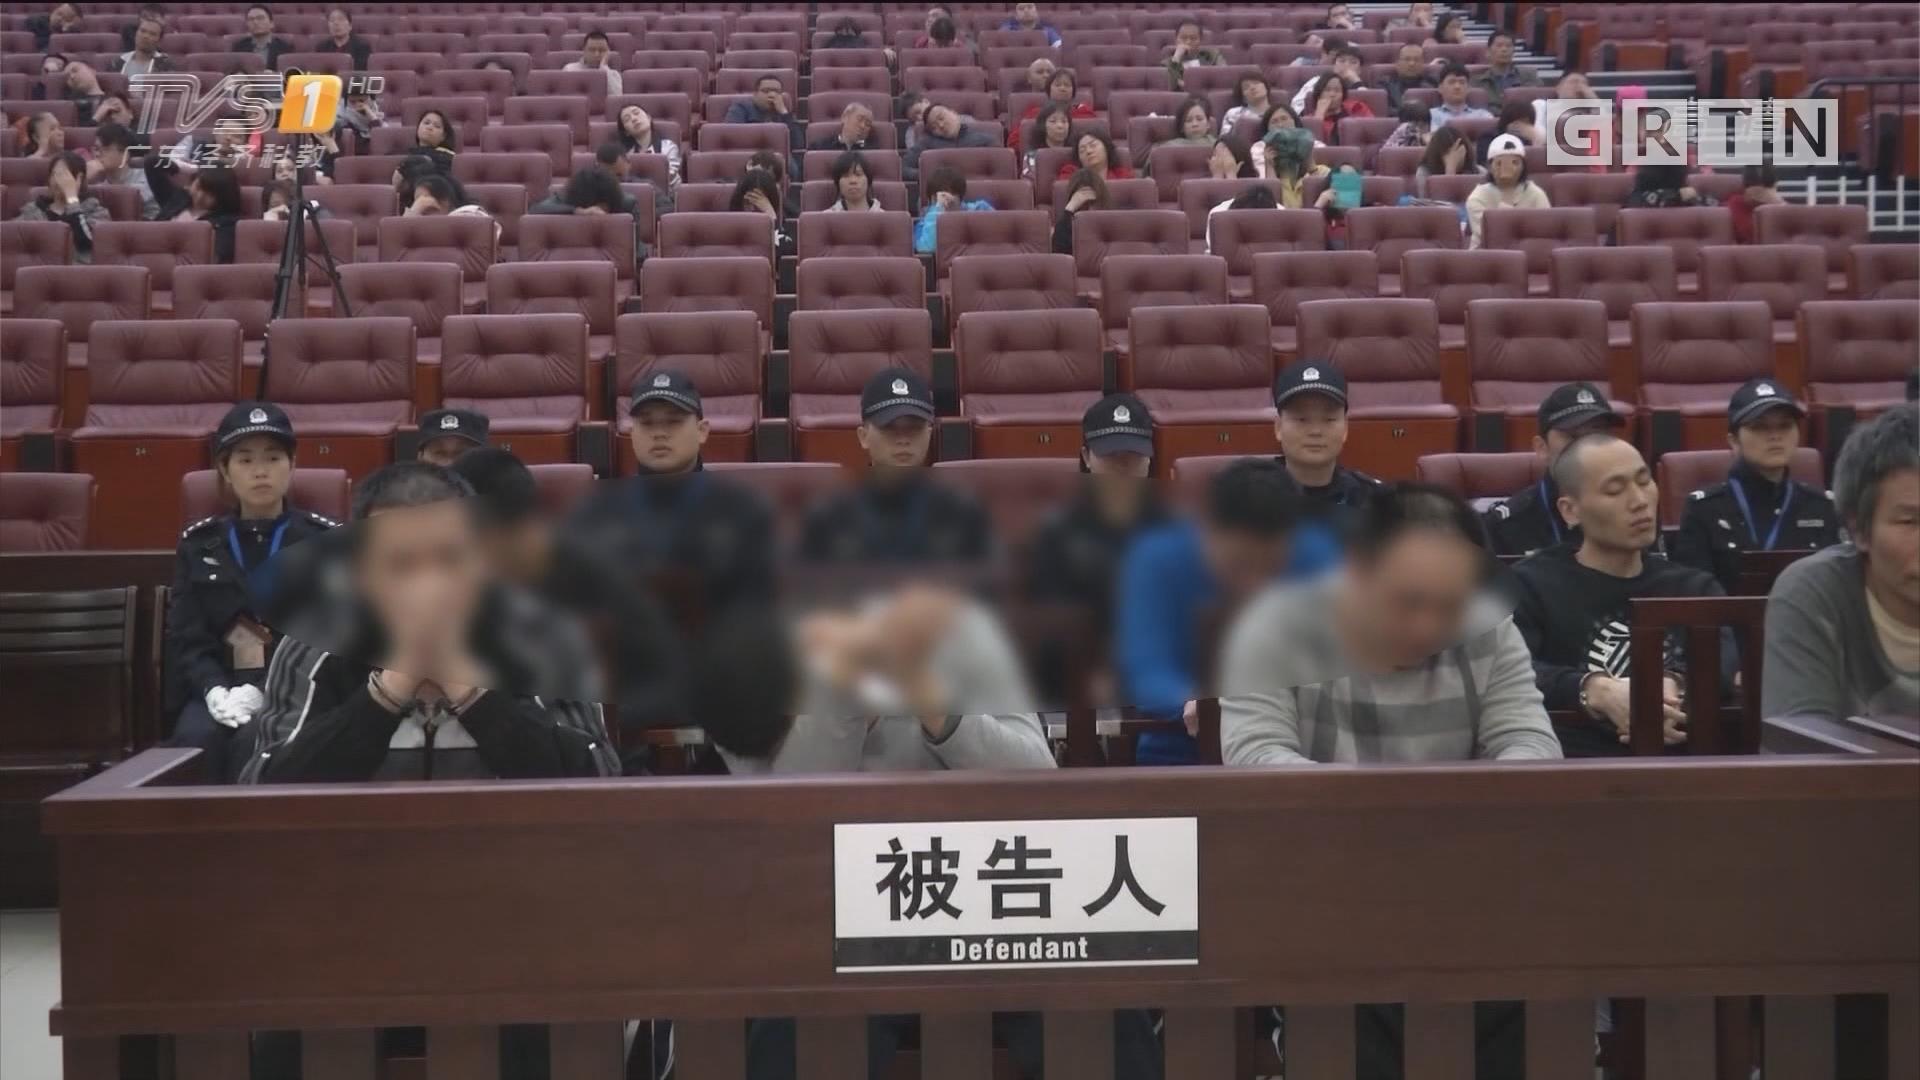 扫黑除恶:34人涉黑组织受审 村霸过堂